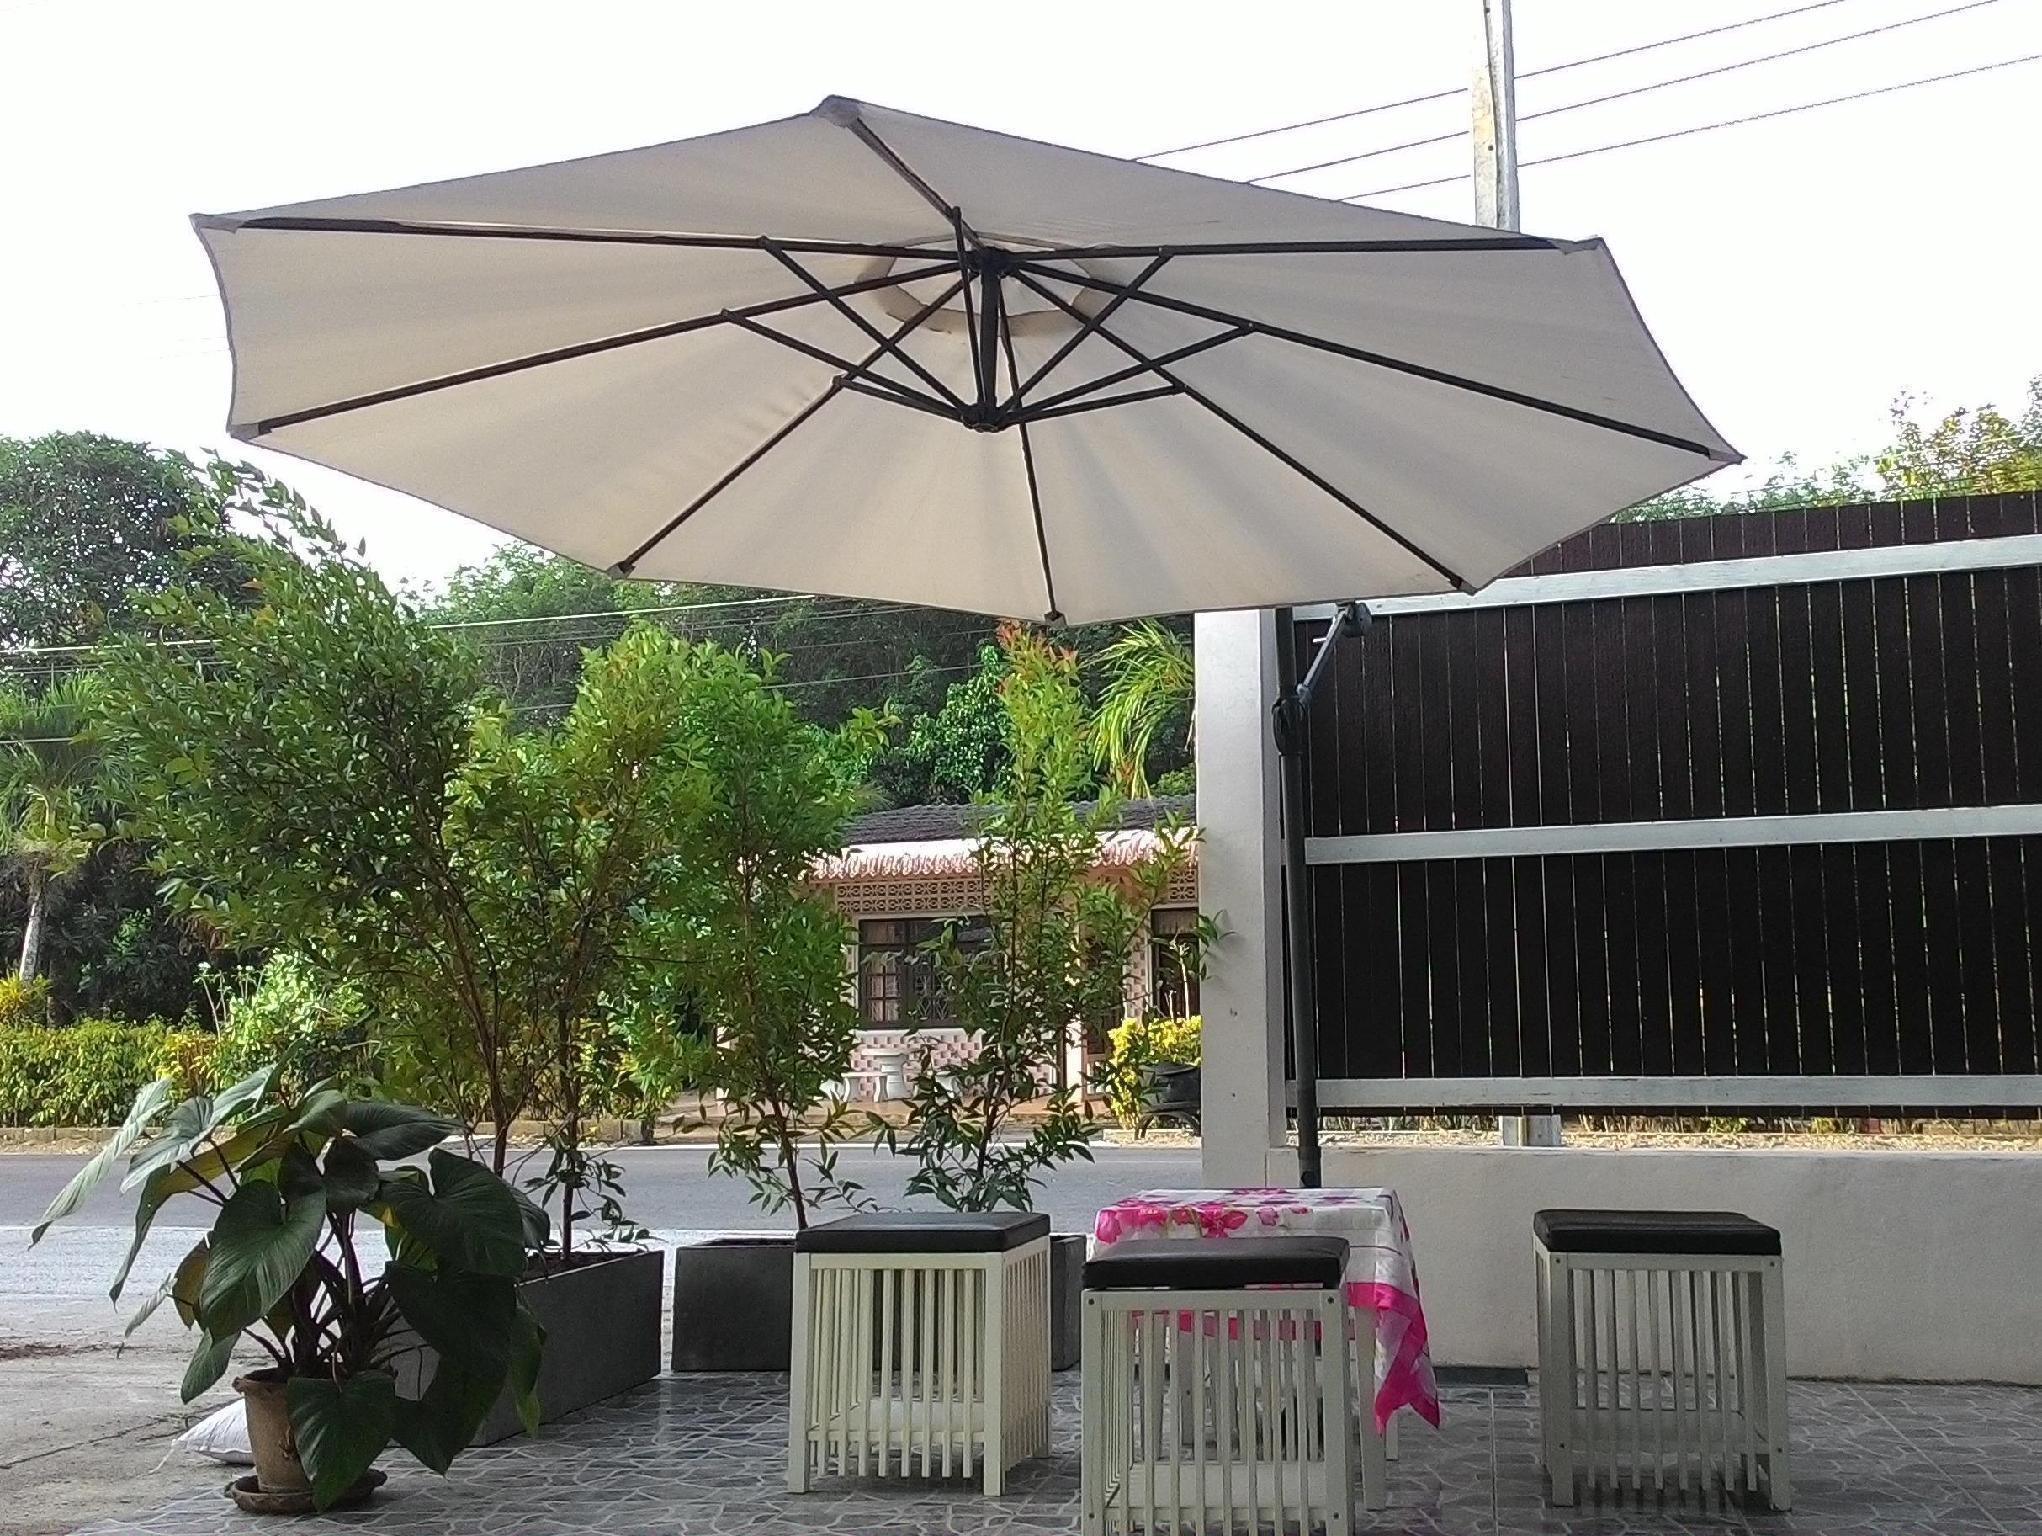 Hotell TN Guesthouse i Bang_Thao_-tt-_Laguna, Phuket. Klicka för att läsa mer och skicka bokningsförfrågan